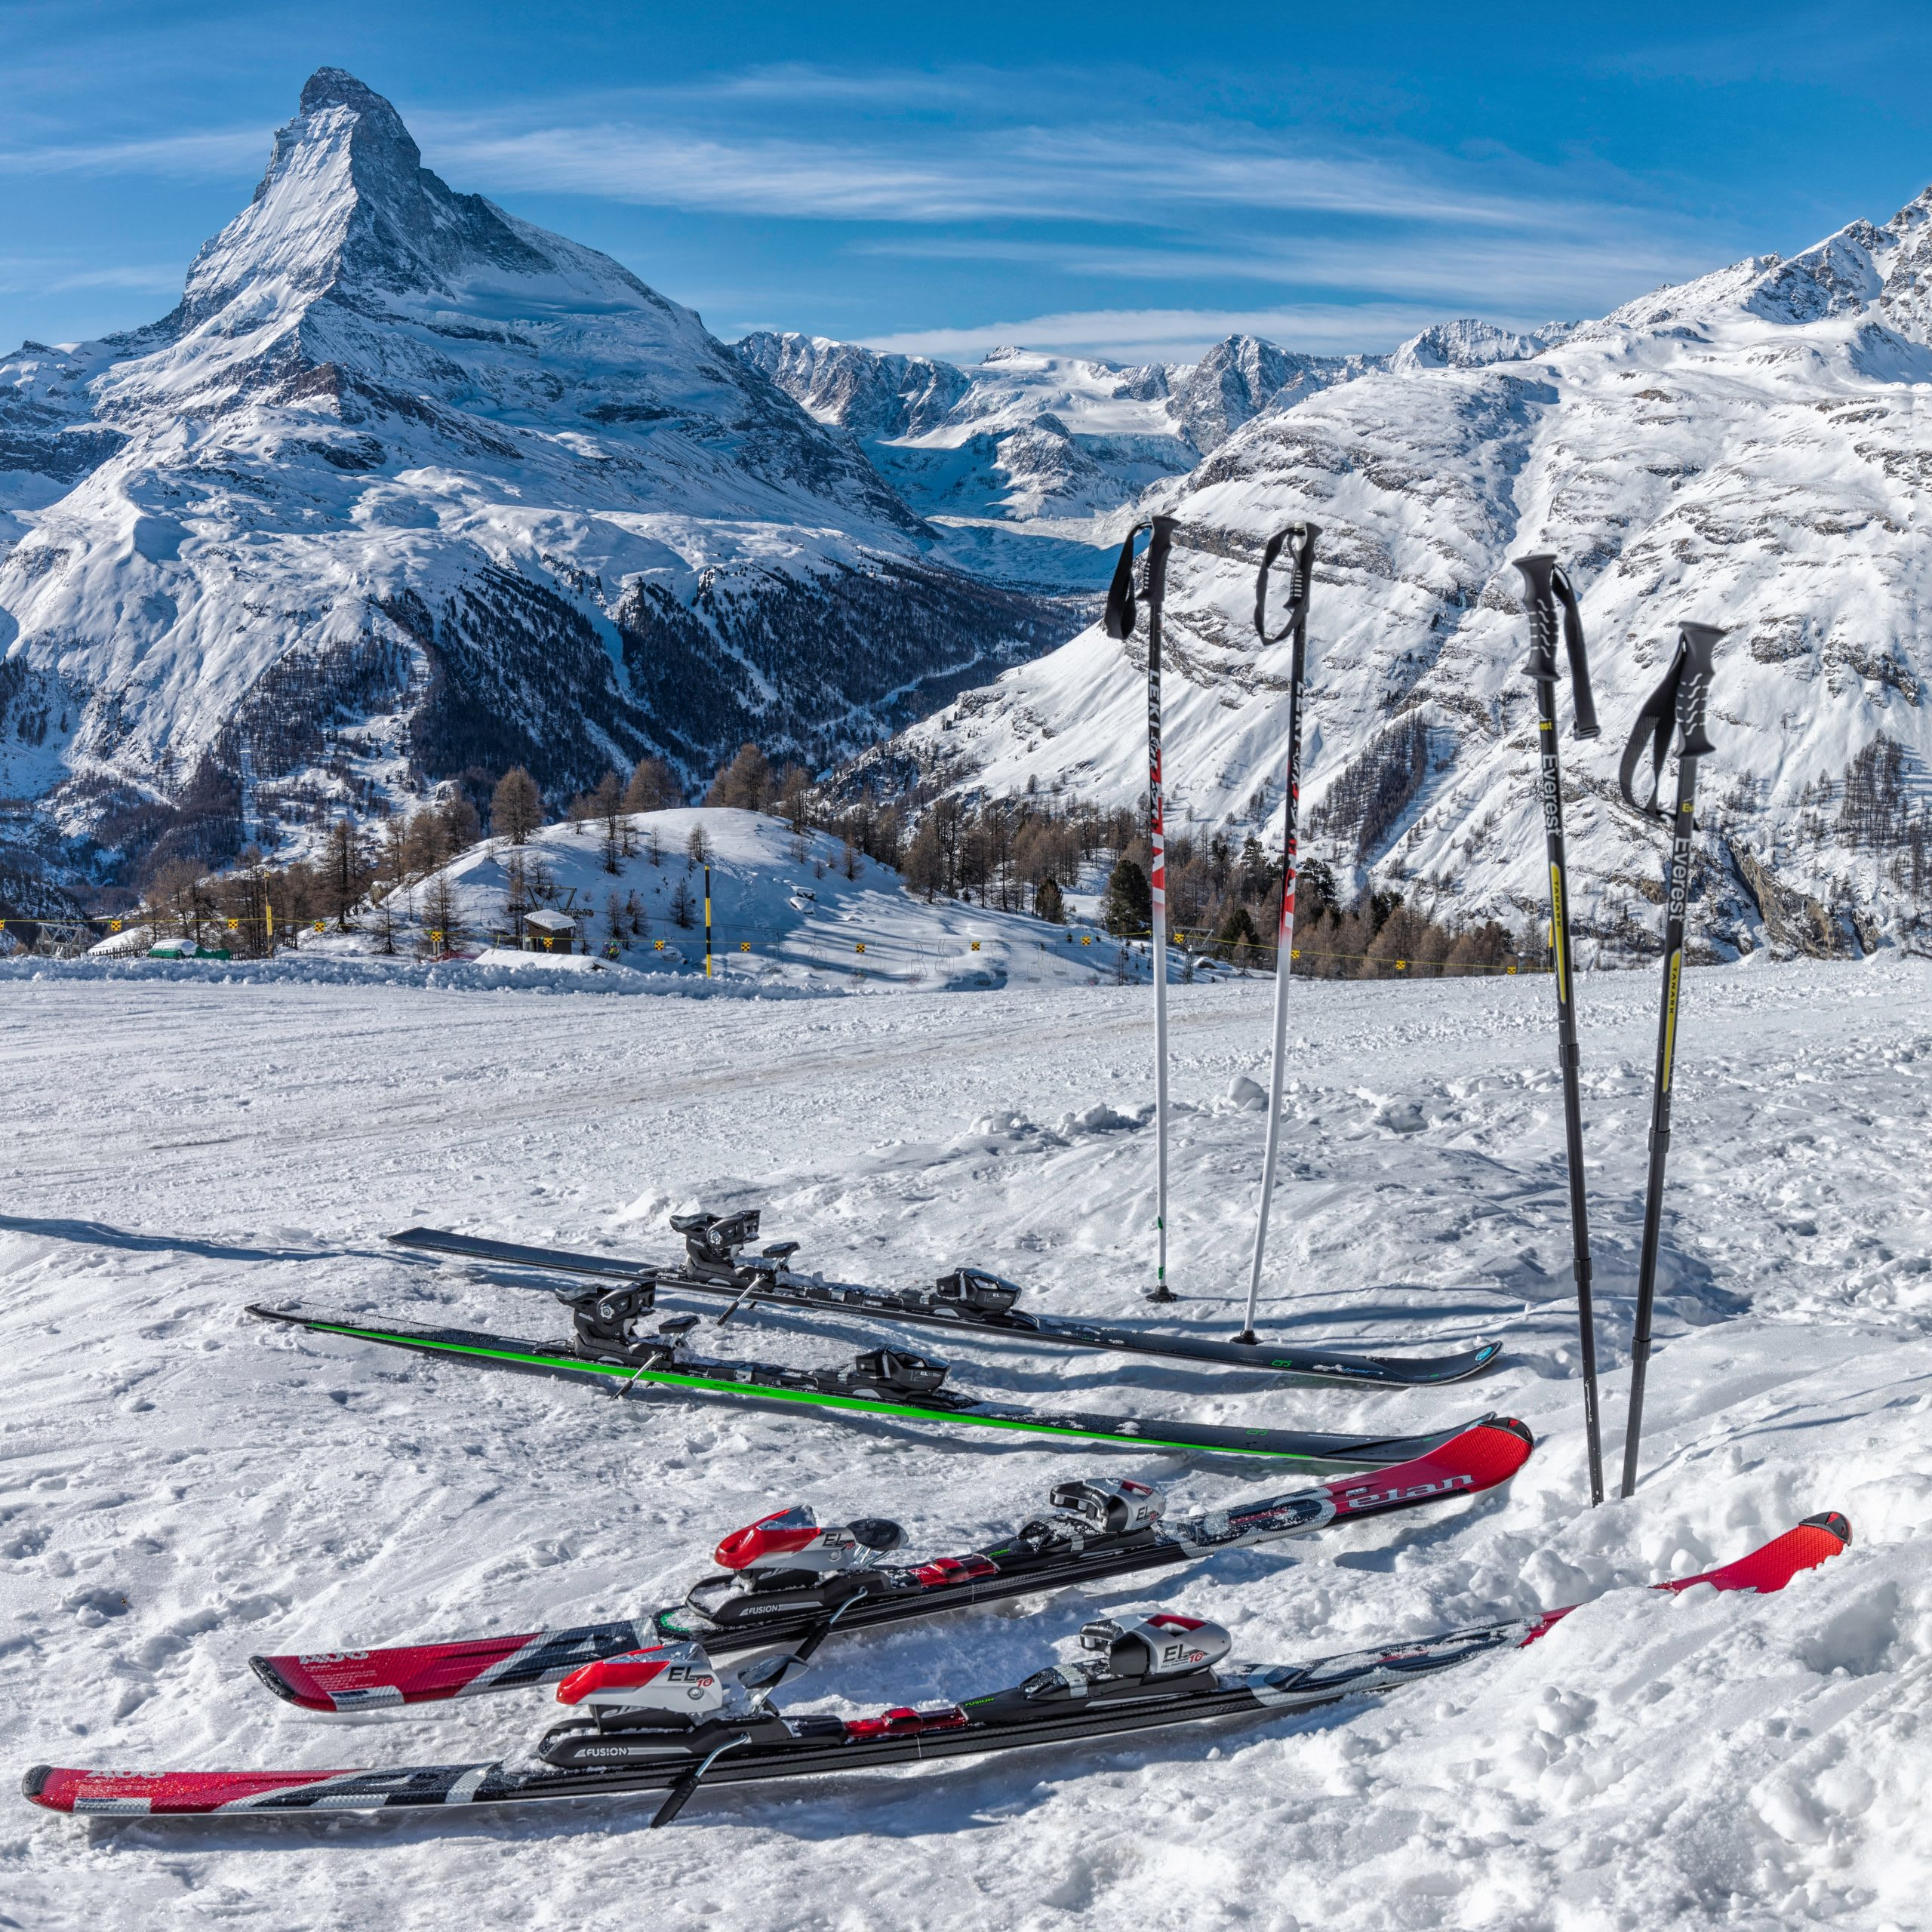 The Matterhorn Skiing